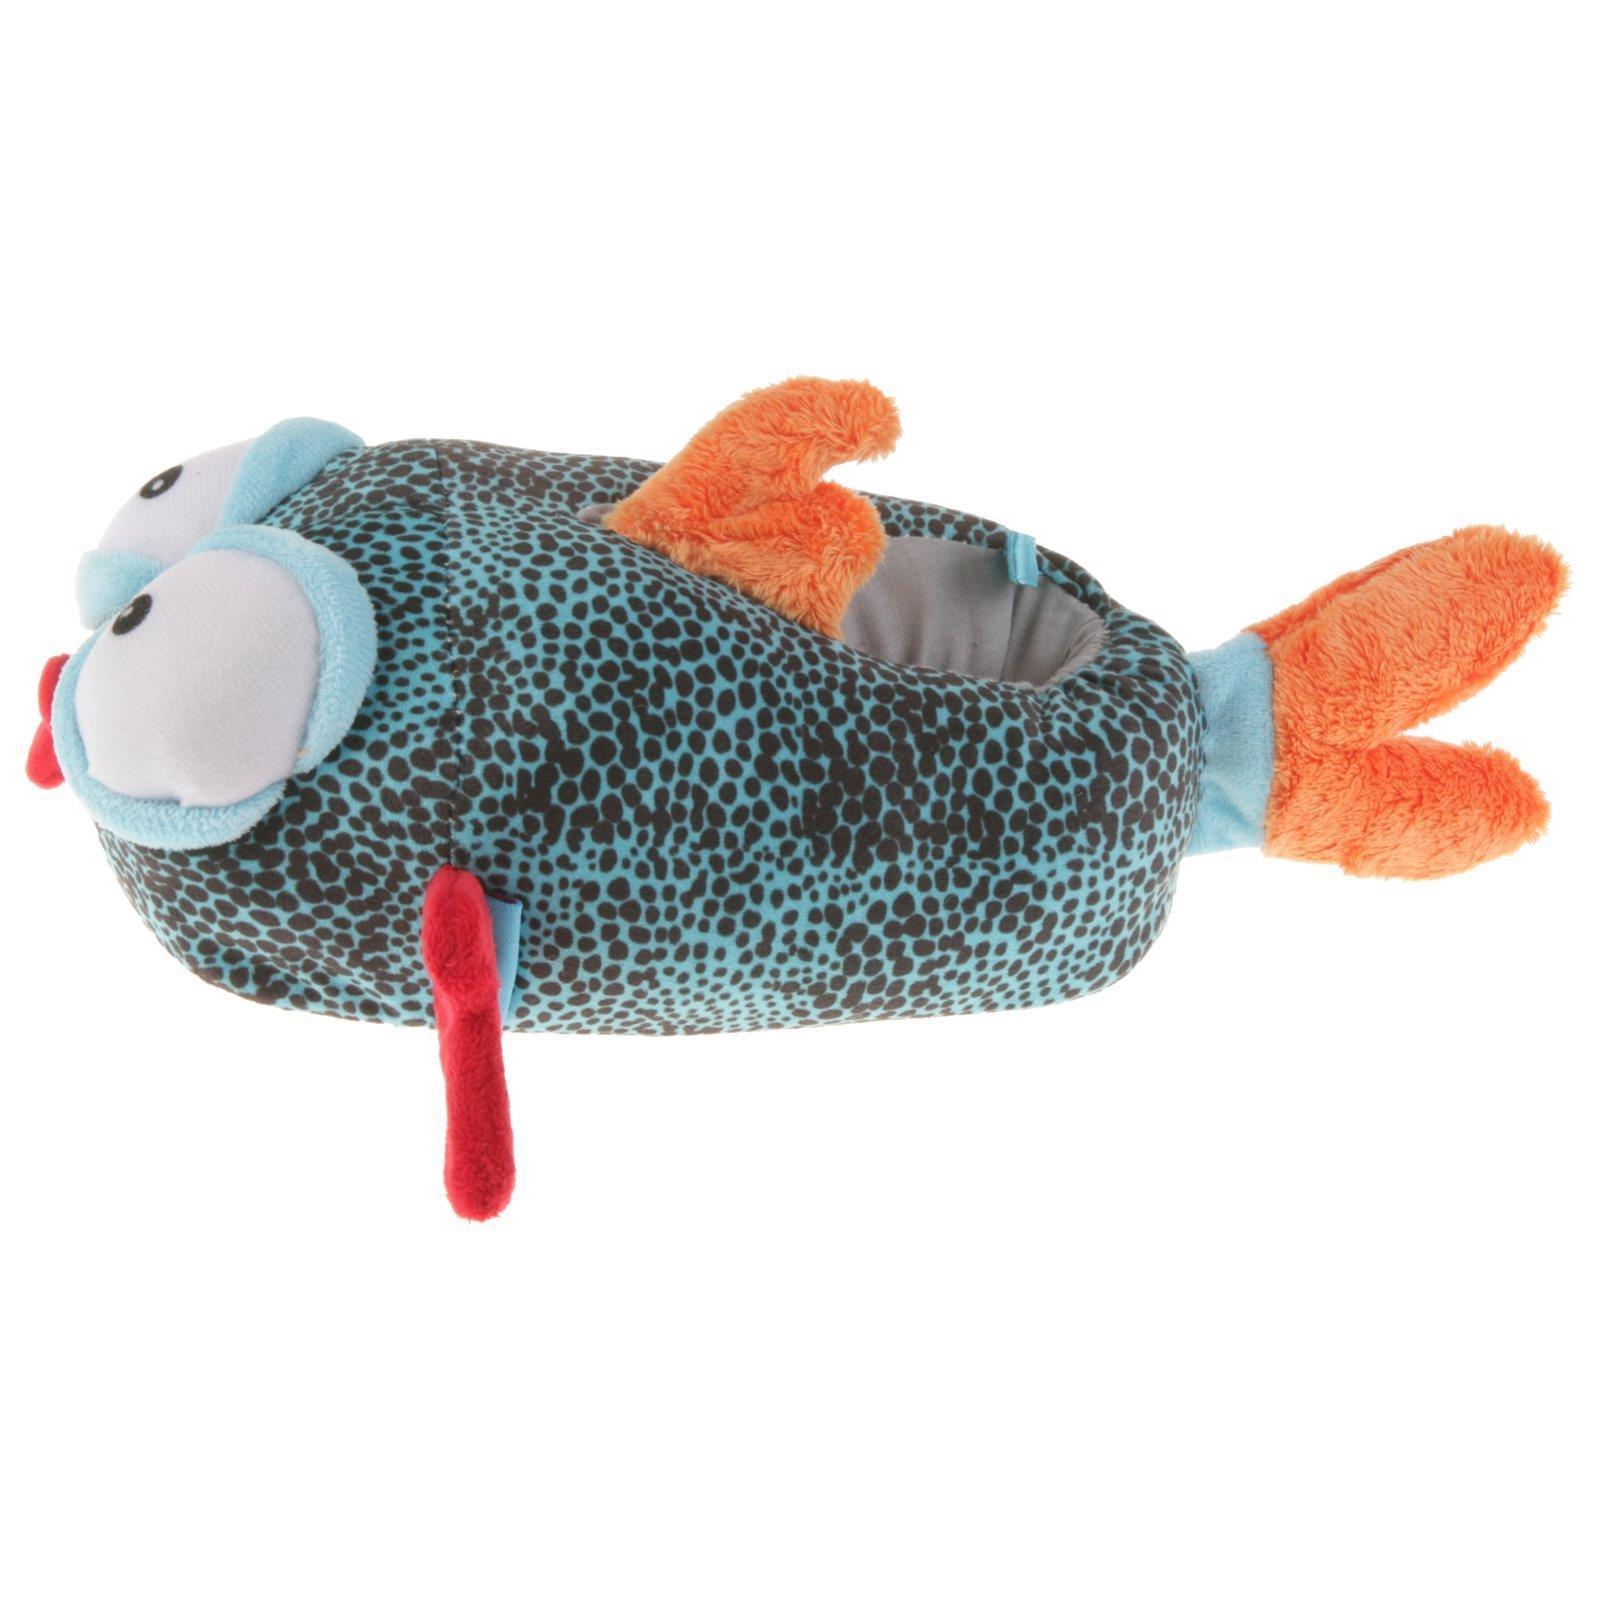 Fisch Tier Hausschuhe Pantoffel Schlappen Kuscheltier Plüsch Kinder Blau 29-35